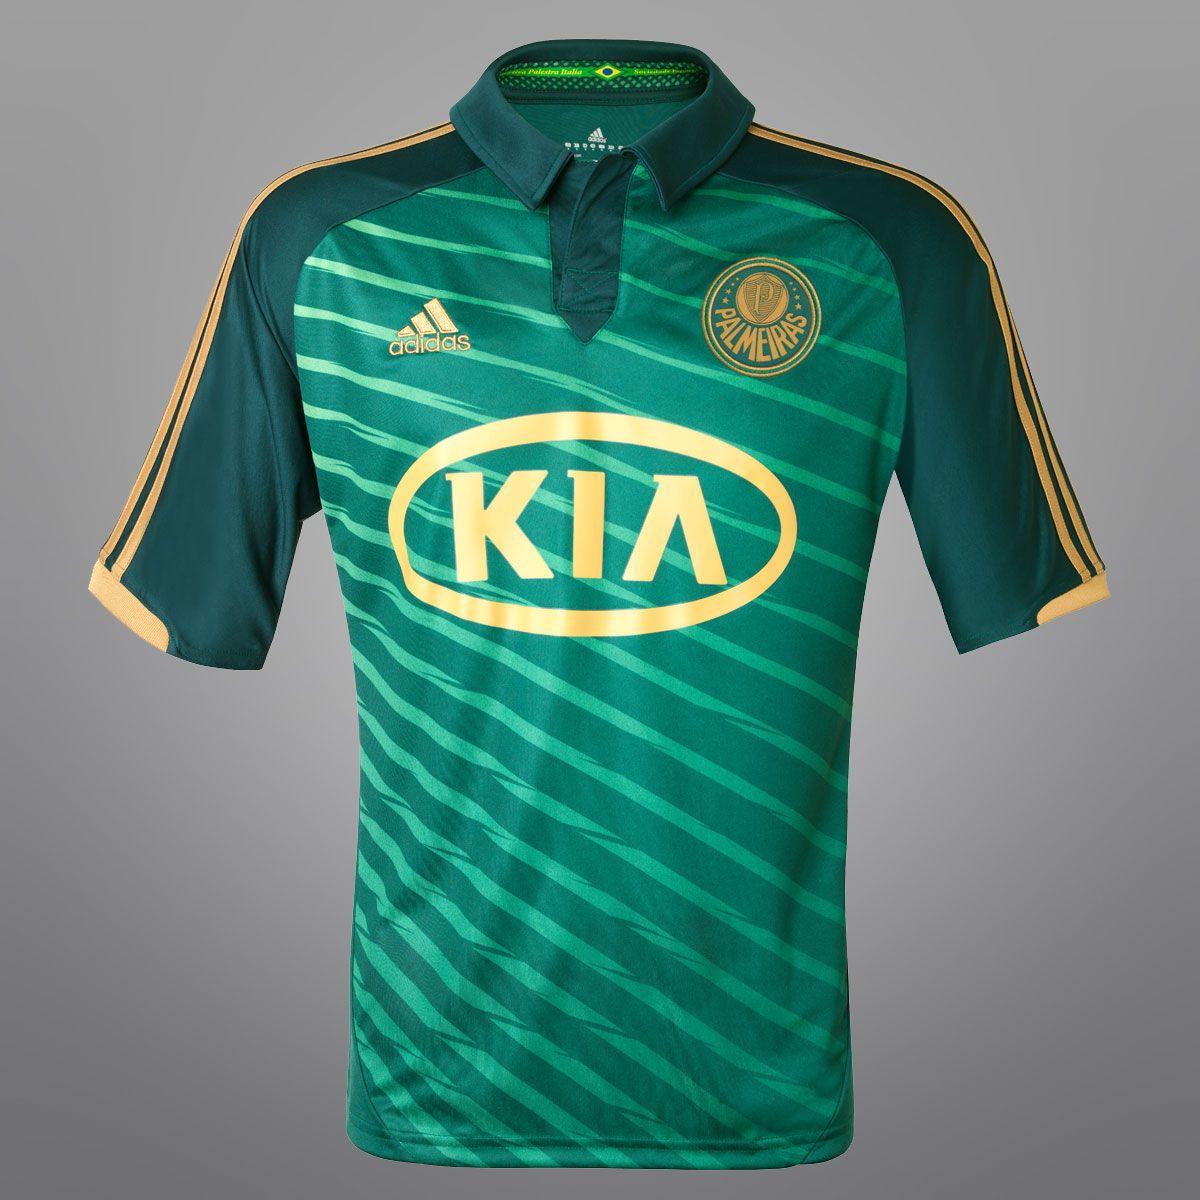 86689c6a0c 10 piores terceiras camisas do futebol brasileiro - Esporte - UOL ...